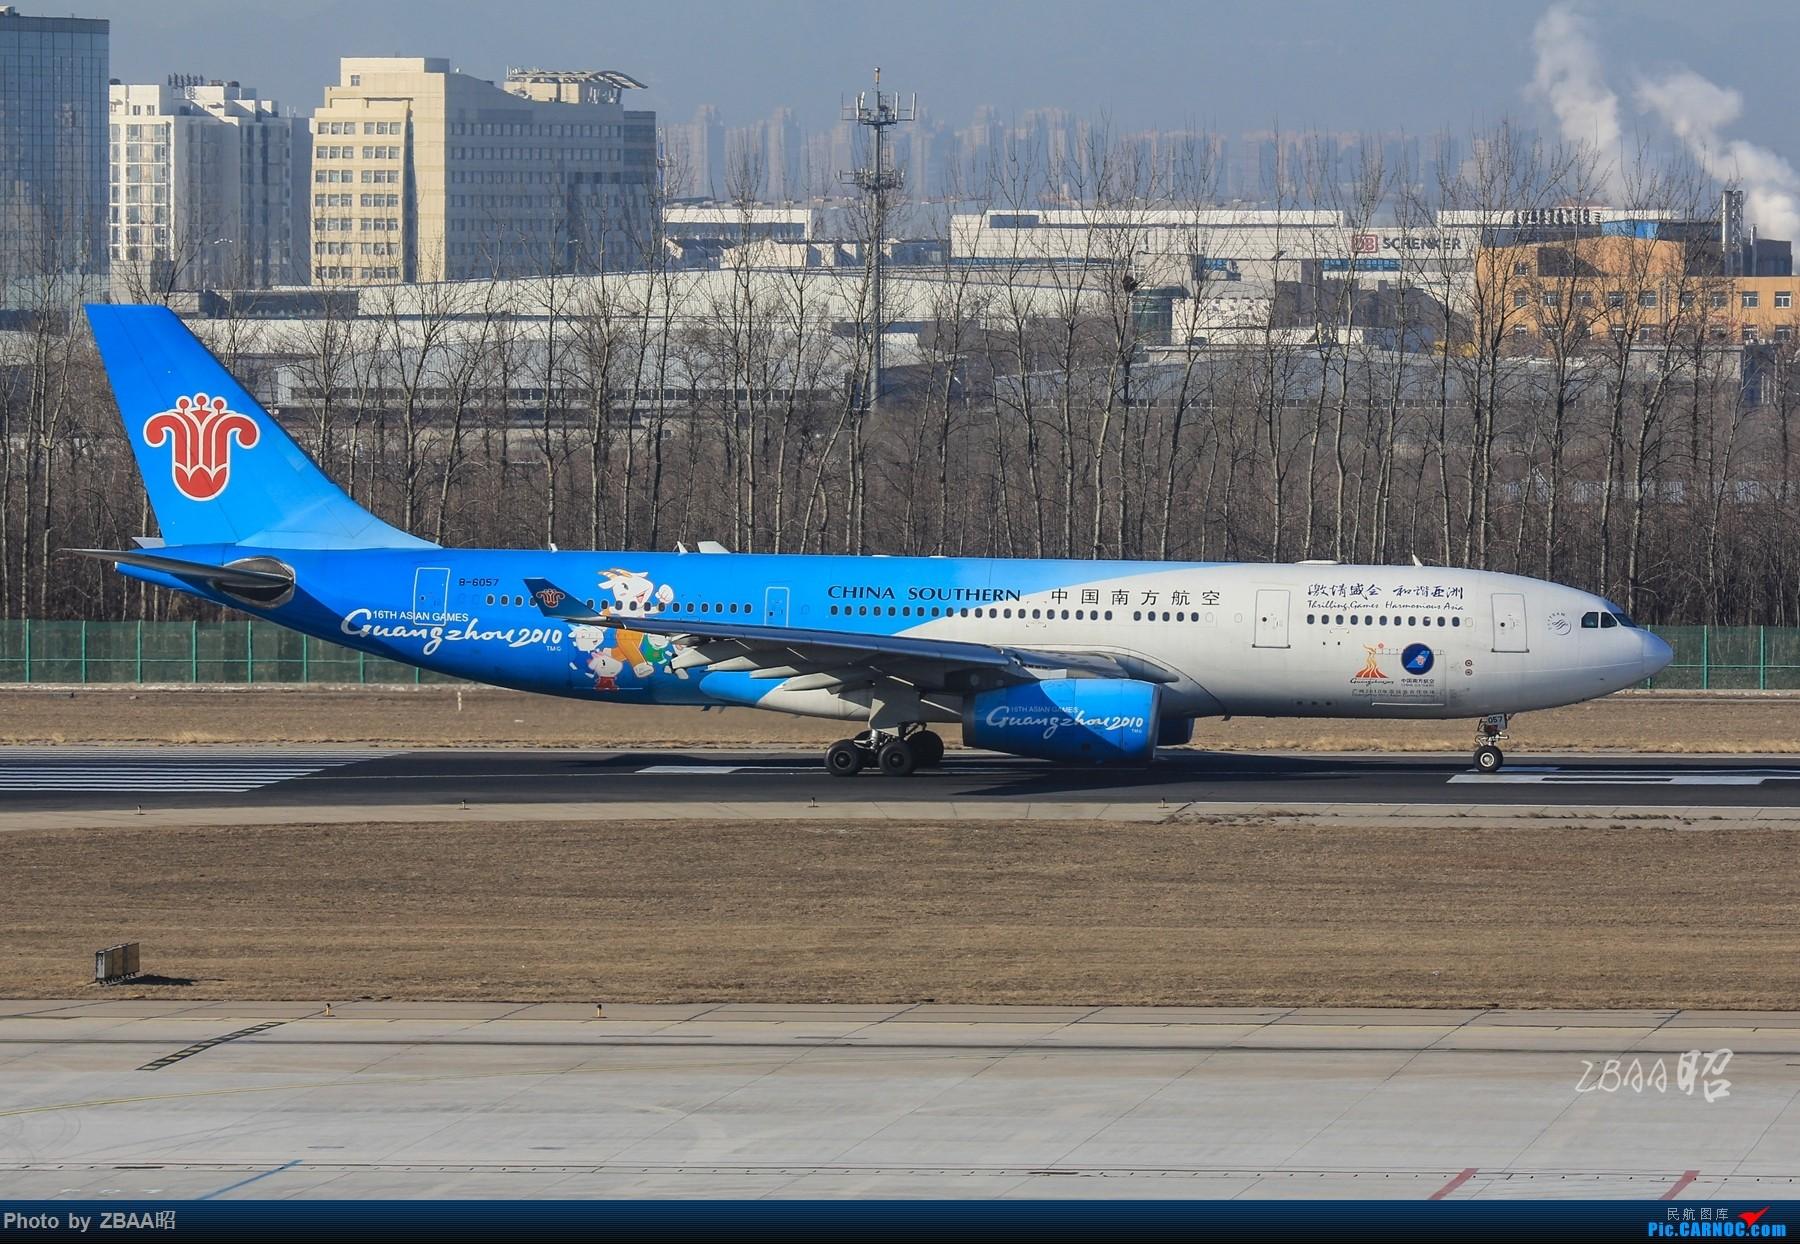 Re:[原创]飞友聚会后的独自疯狂,格林豪泰隔天怒打ZBAA 36L跑道,夜拍海航宽体机,寒风中坚守楼顶阵地 AIRBUS A330-200 B-6057 中国北京首都国际机场